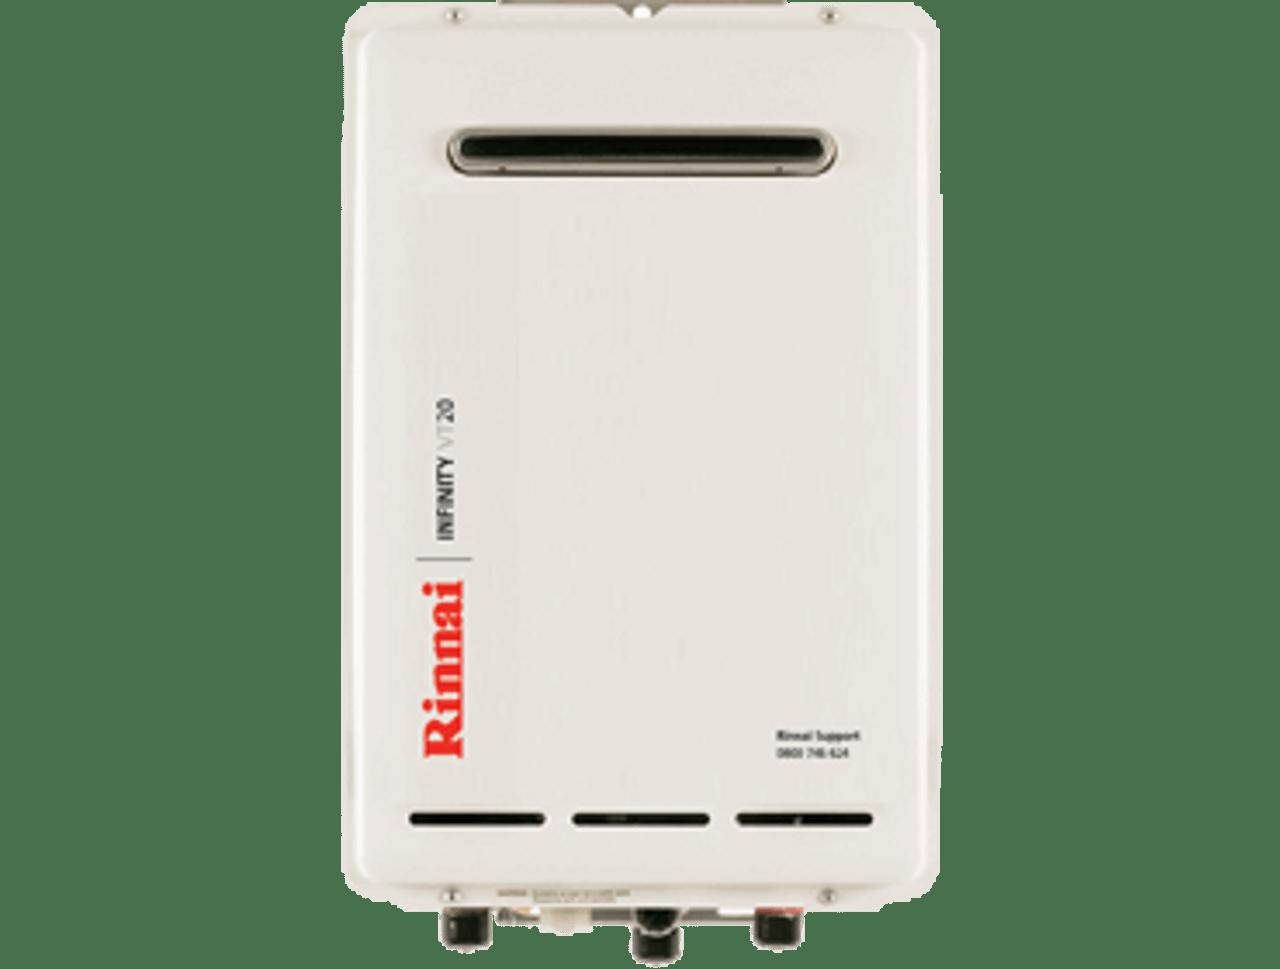 Rinnai Infinity VT20 External Gas Water Heater (LPG)